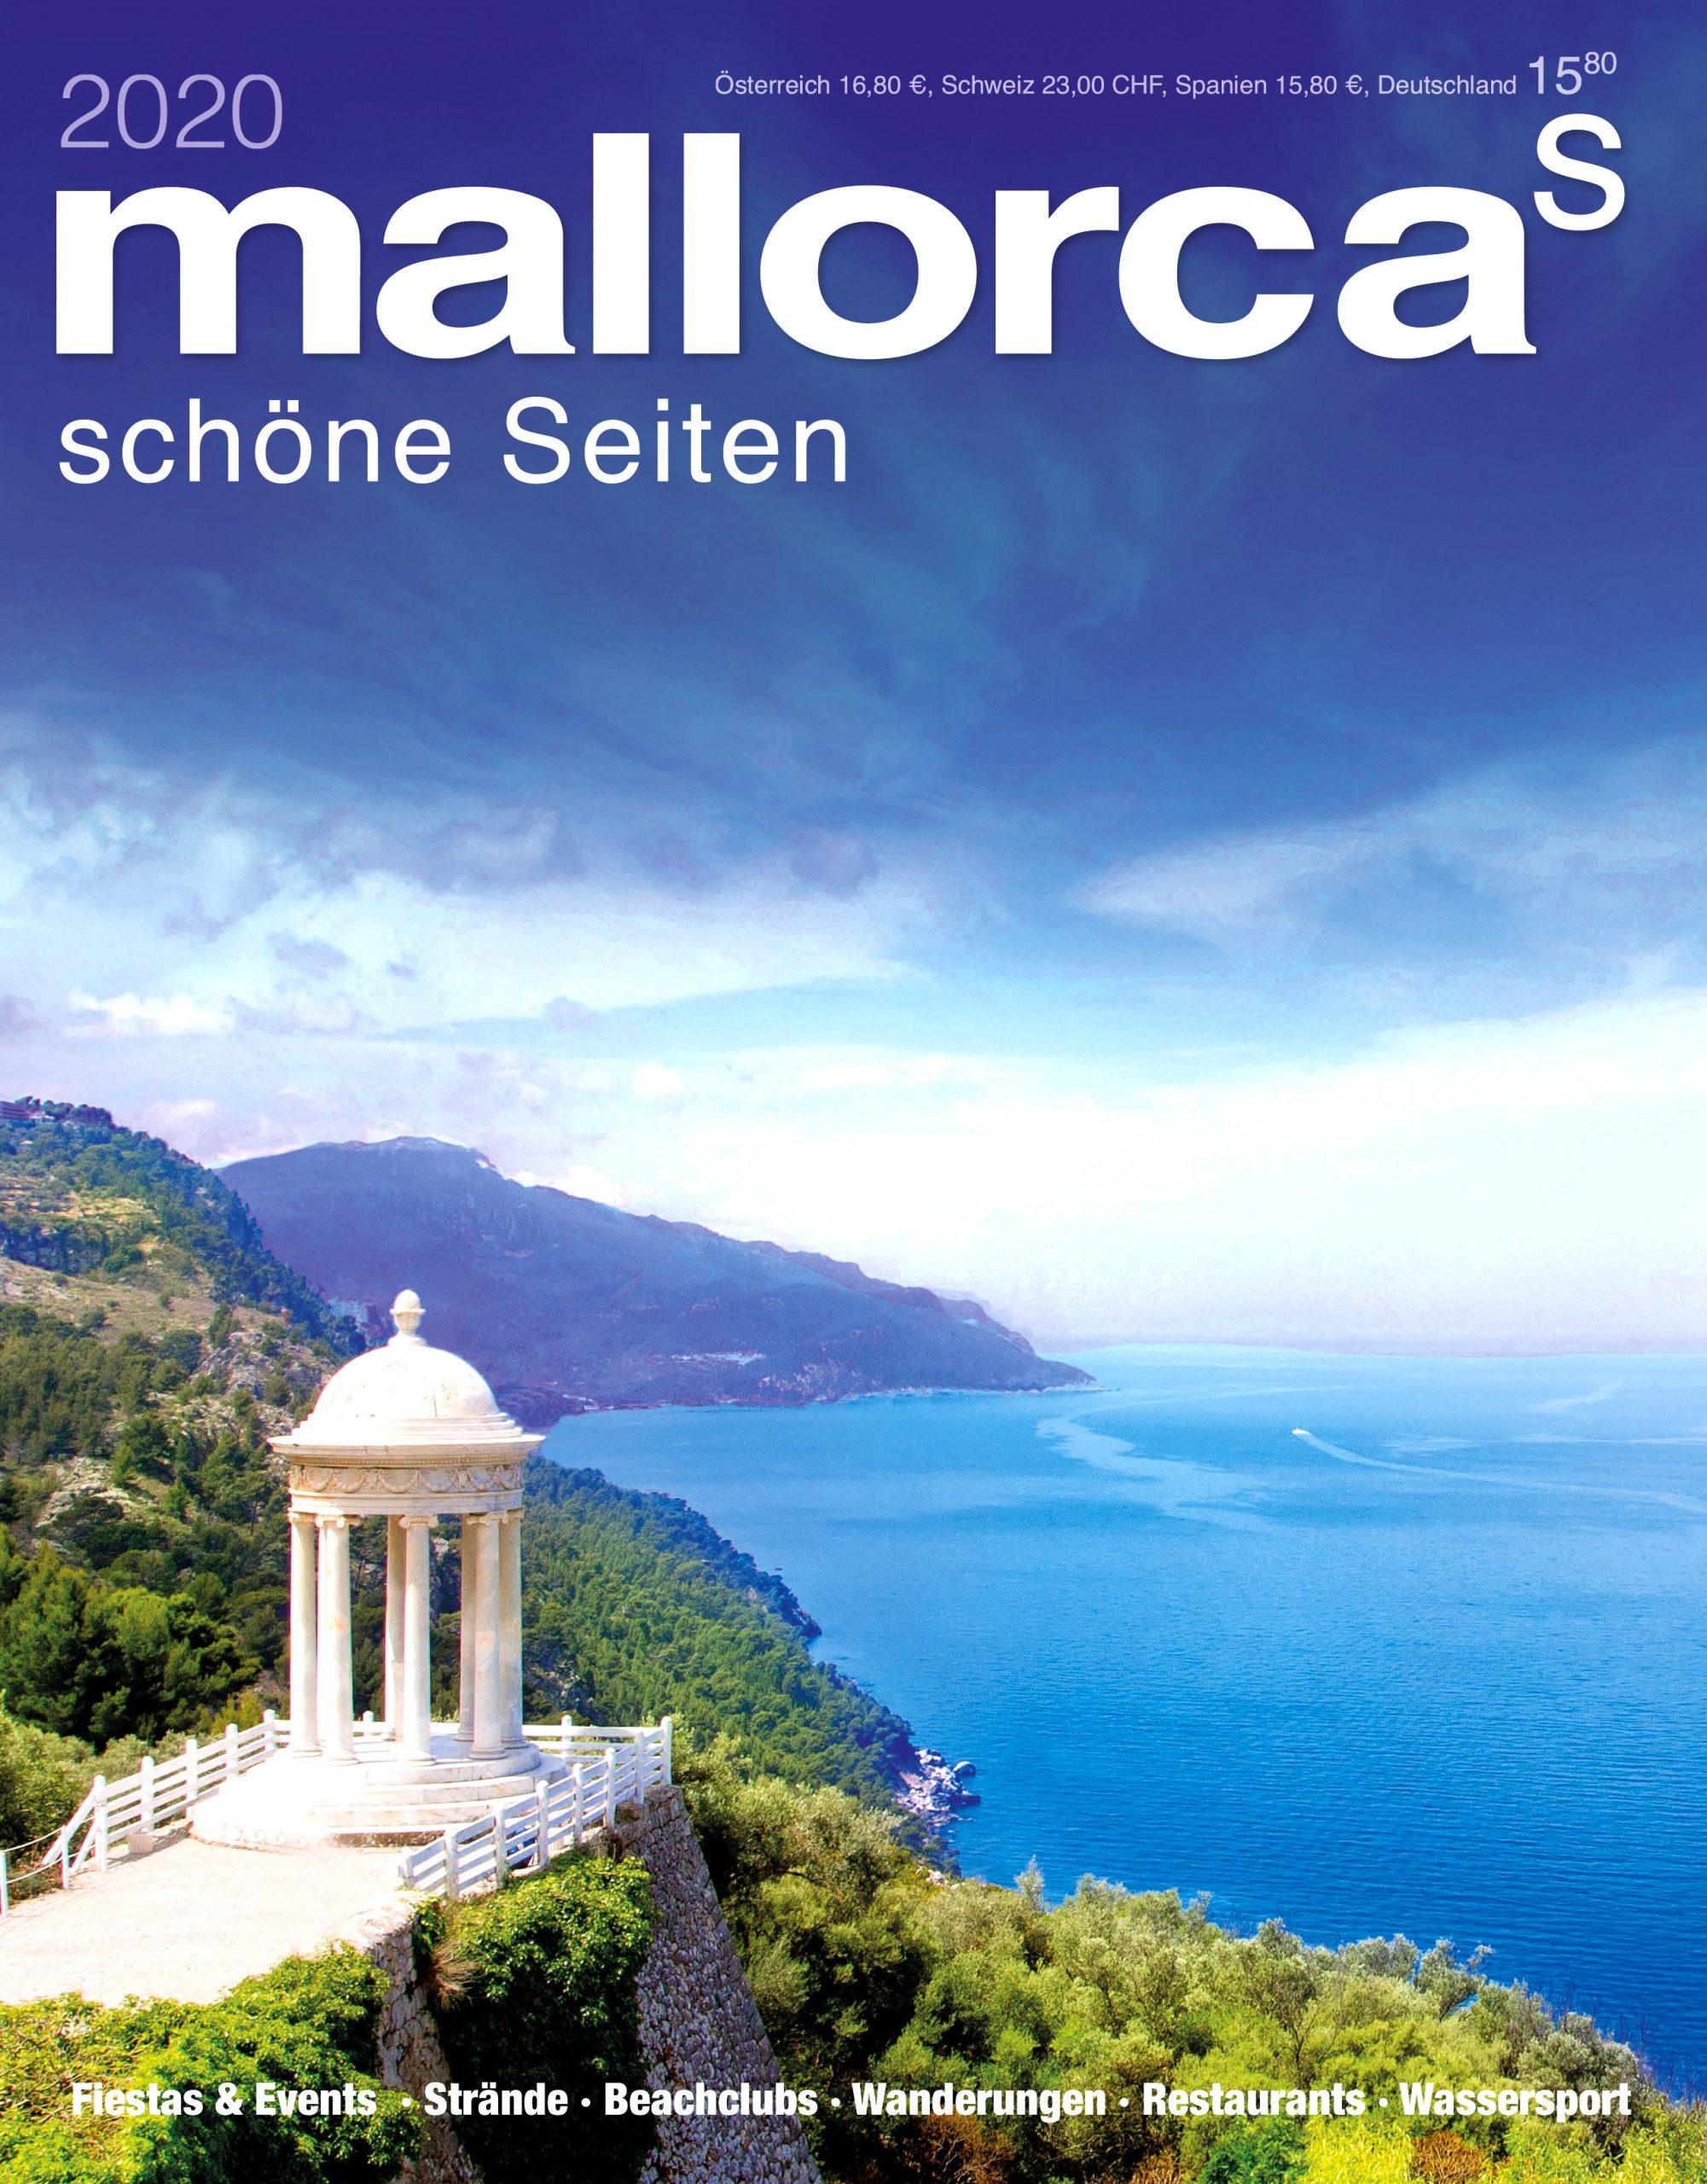 Mallorca schöne Seiten 2020